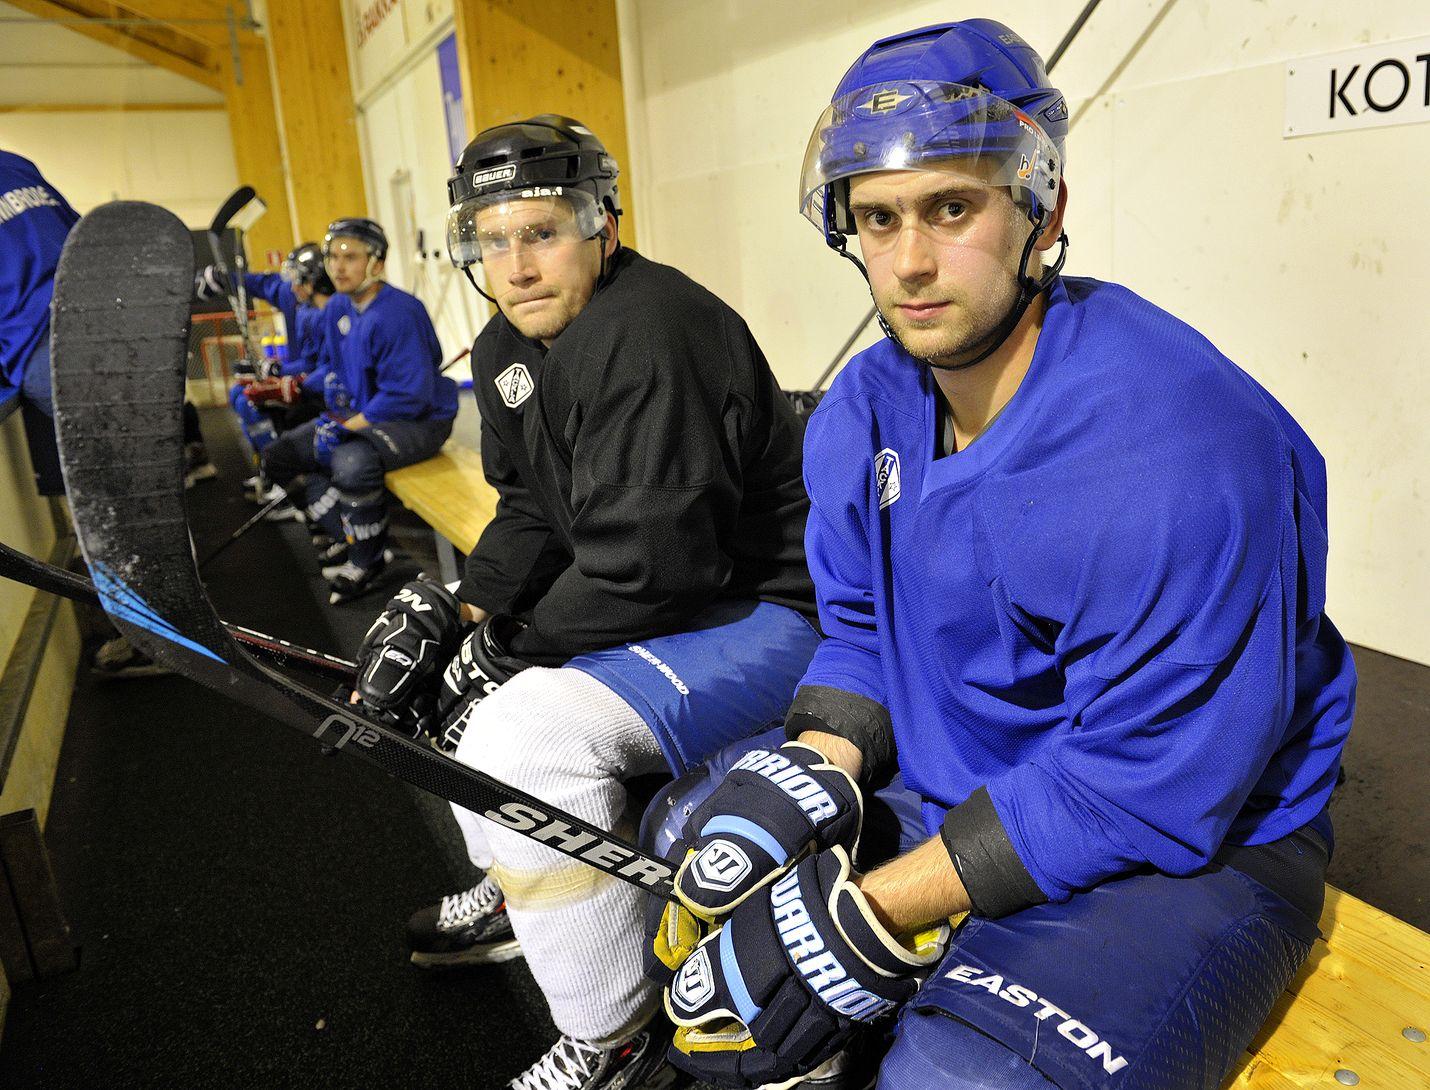 Jesse Laaksonen (vas.) kuuluu HC Satakunnan liigakokemusta omaaviin pelaajiin. Varakapteeni Riku Väkiparta on Eurajoen oma poika